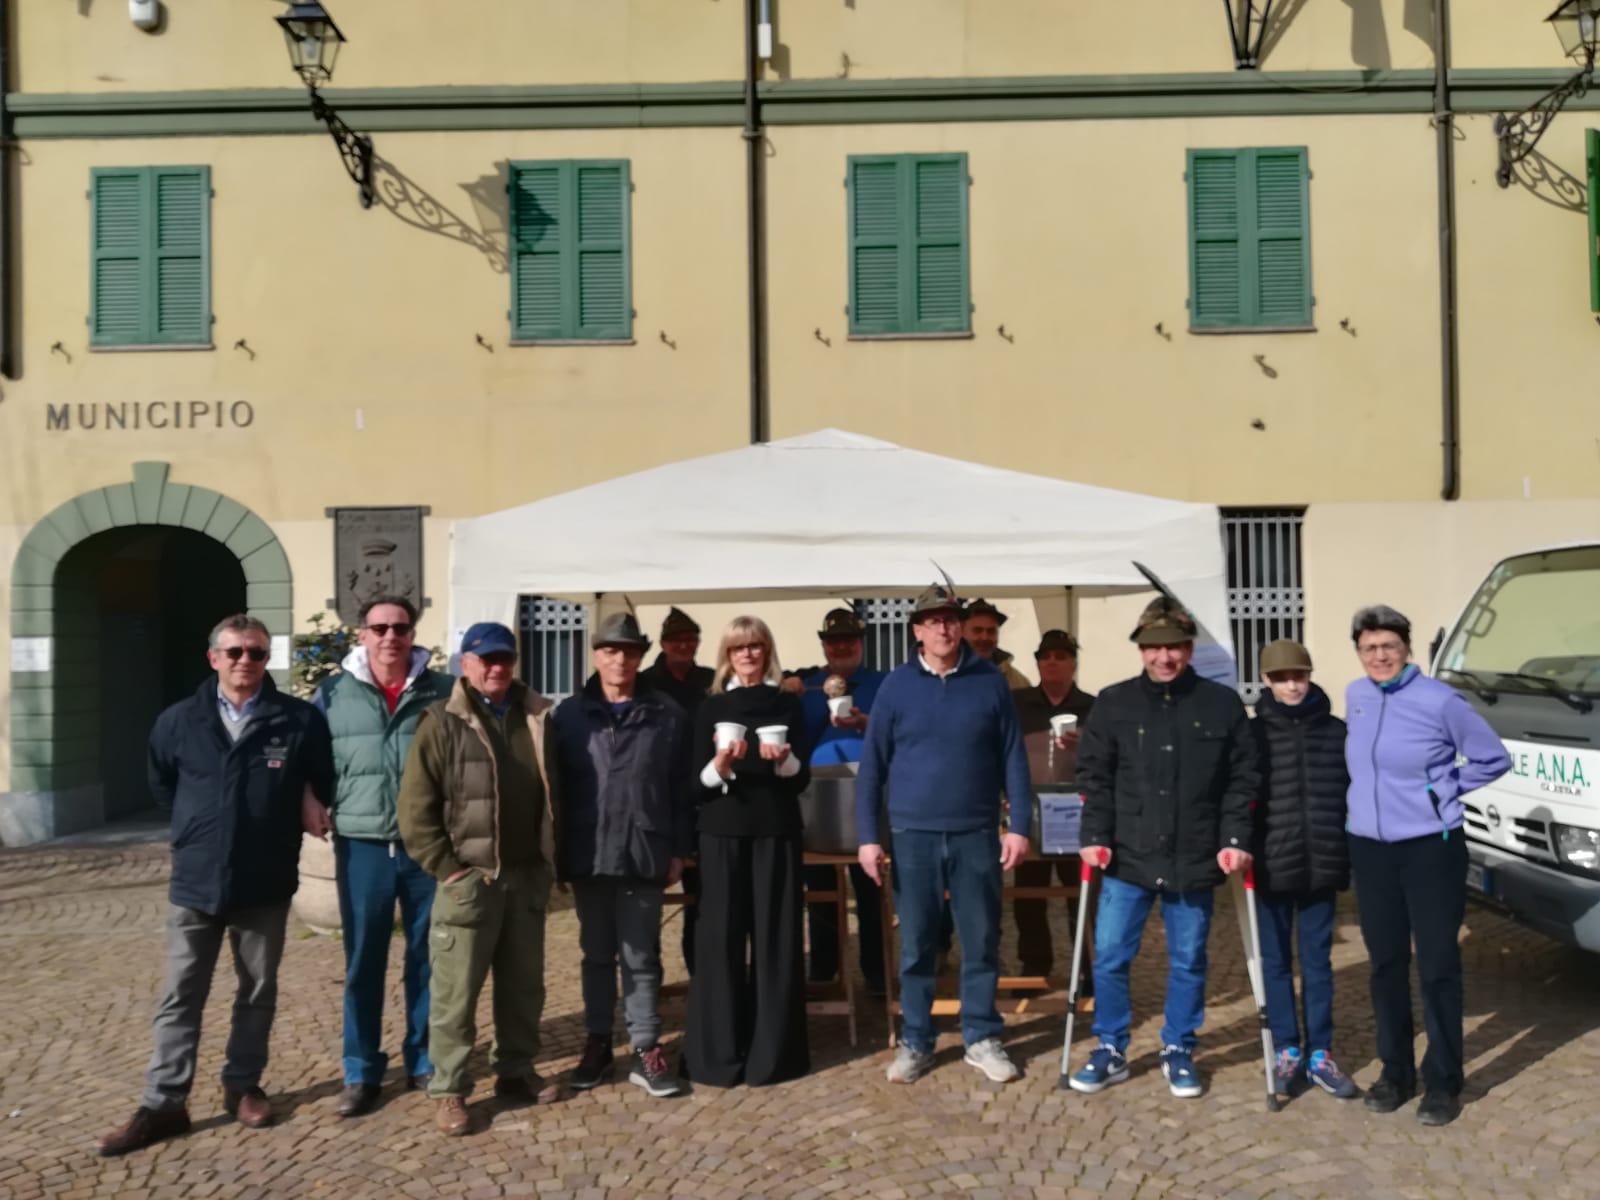 pasta e fagioli benefica con il Gruppo Alpini e Protezione Civile sabato 15 febbraio